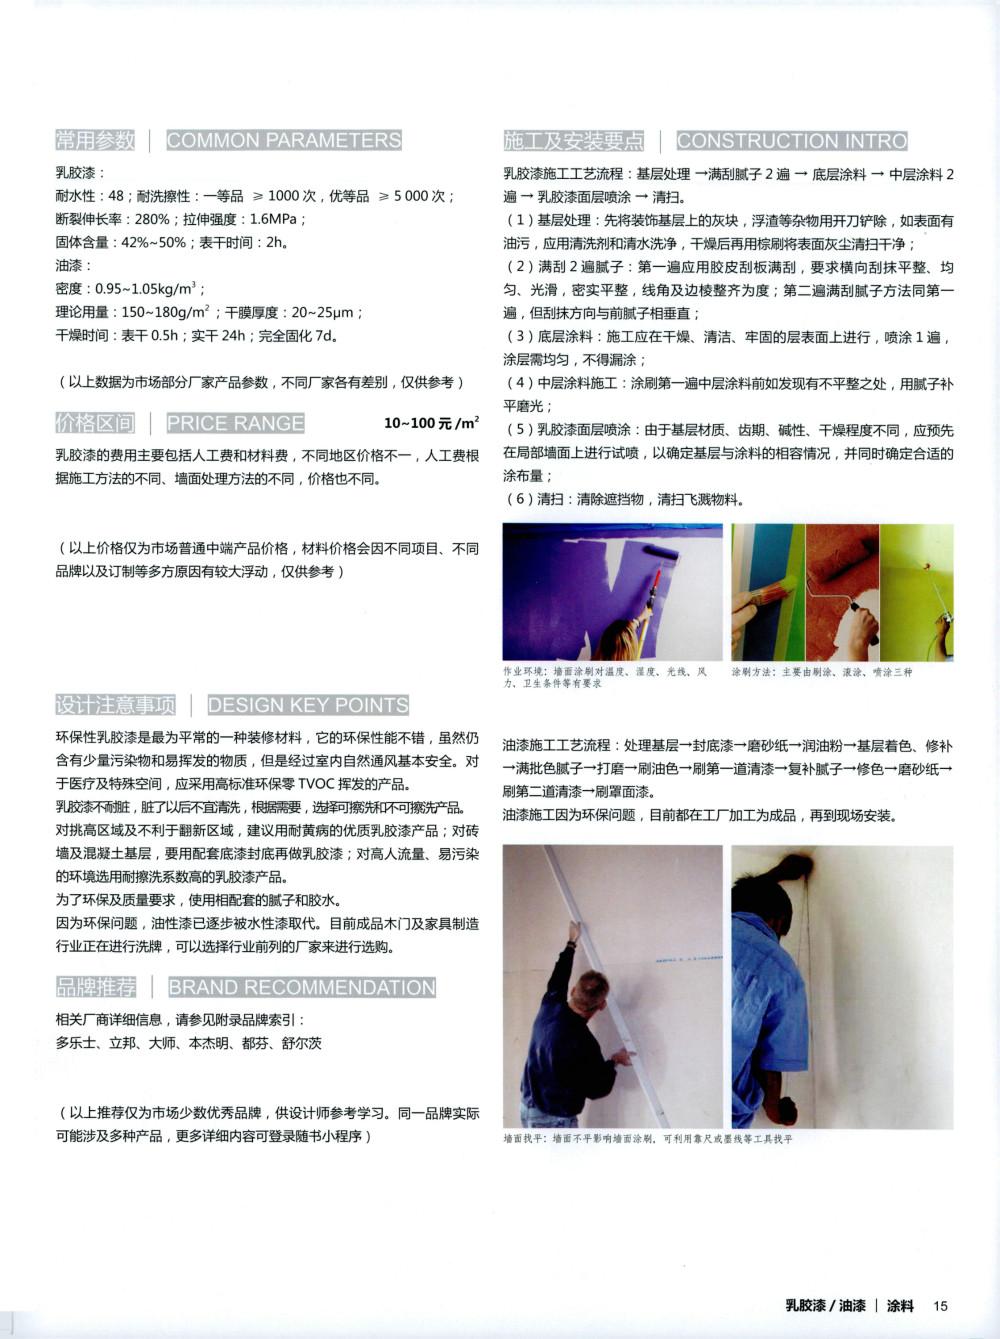 《设计师的材料清单·室内篇》(含高清PDF+JPG图片_0015.jpg